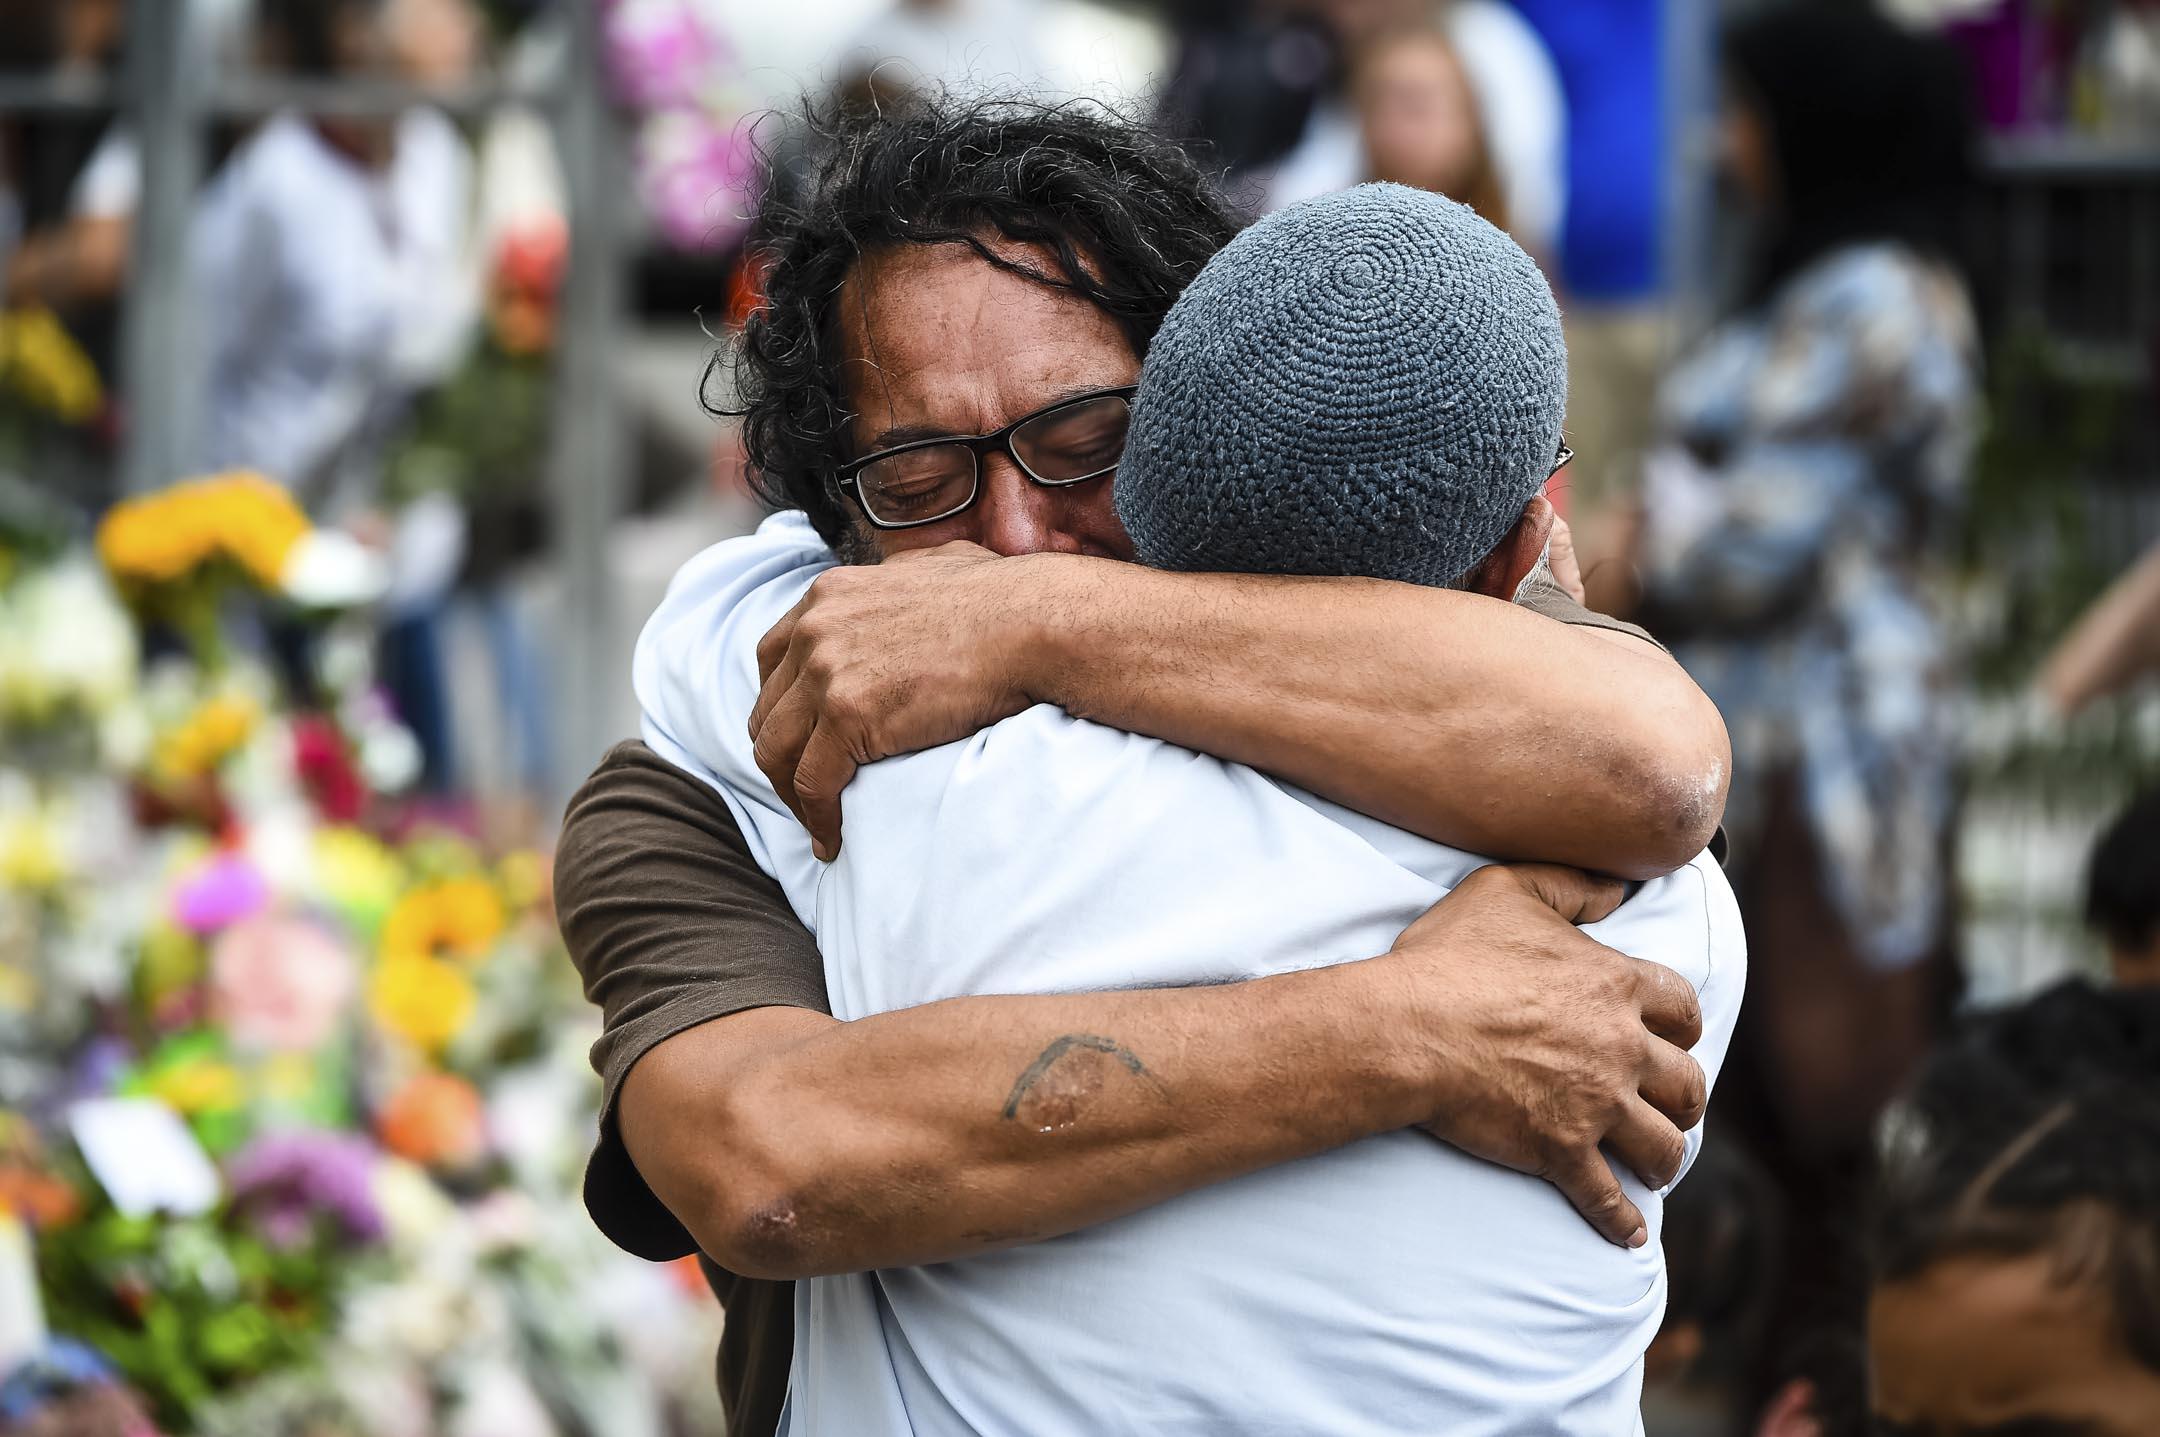 2019年3月17日,發生新西蘭槍擊案的清真寺現場,有民眾獻花悼念遇難者,期間有出席者傷心擁抱。